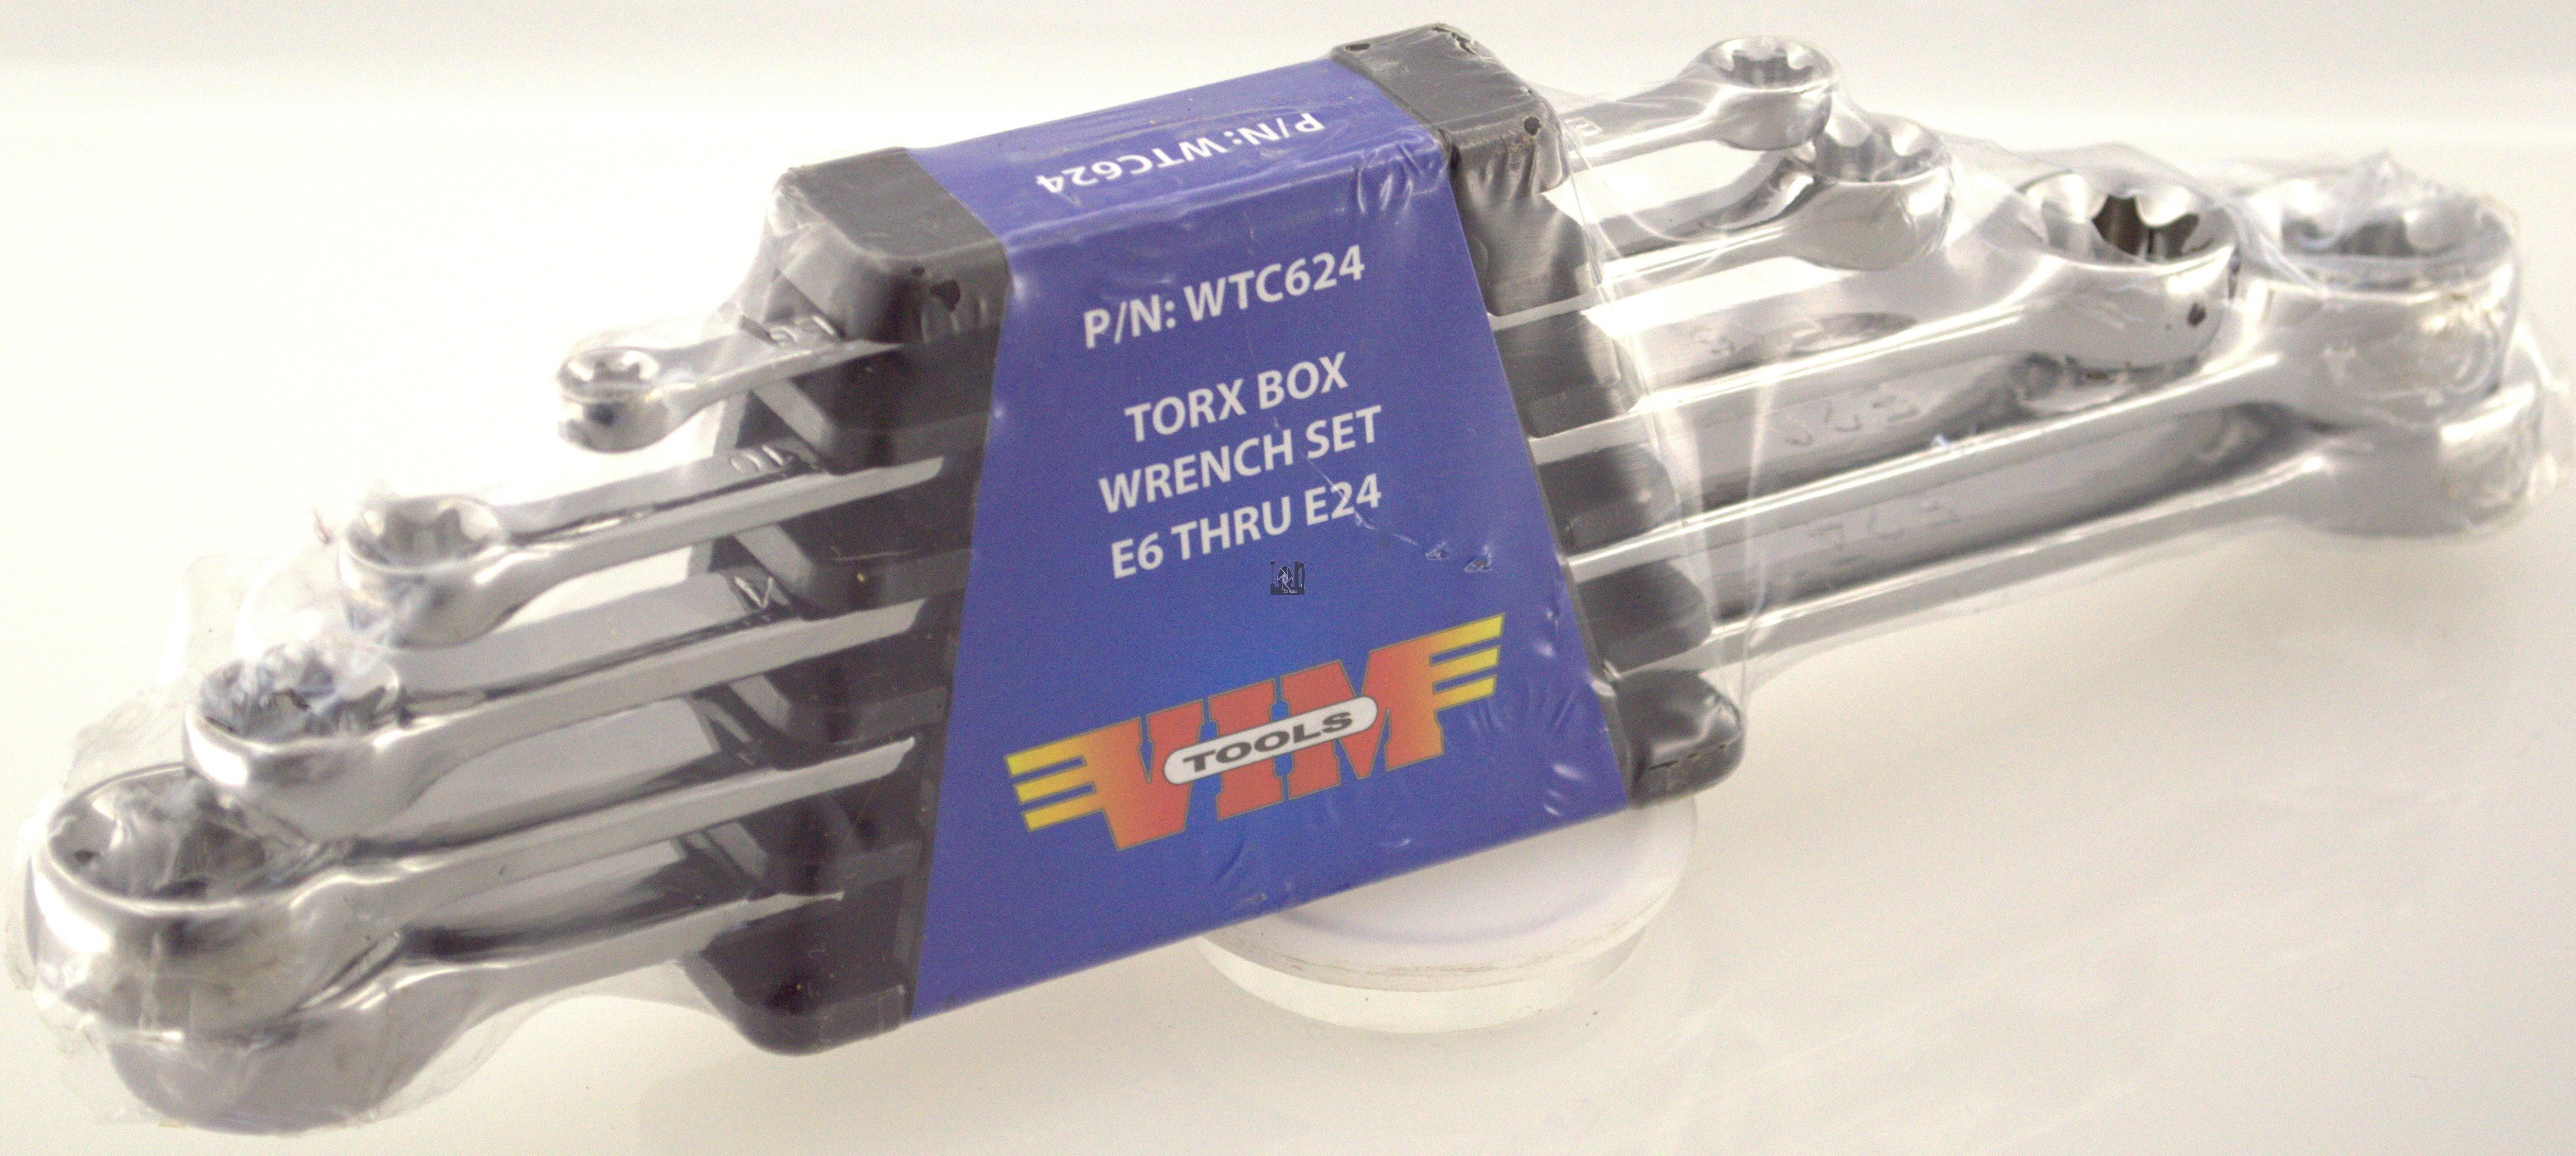 5pc Torx Wrench Set Box  End VIM Tools WTC624